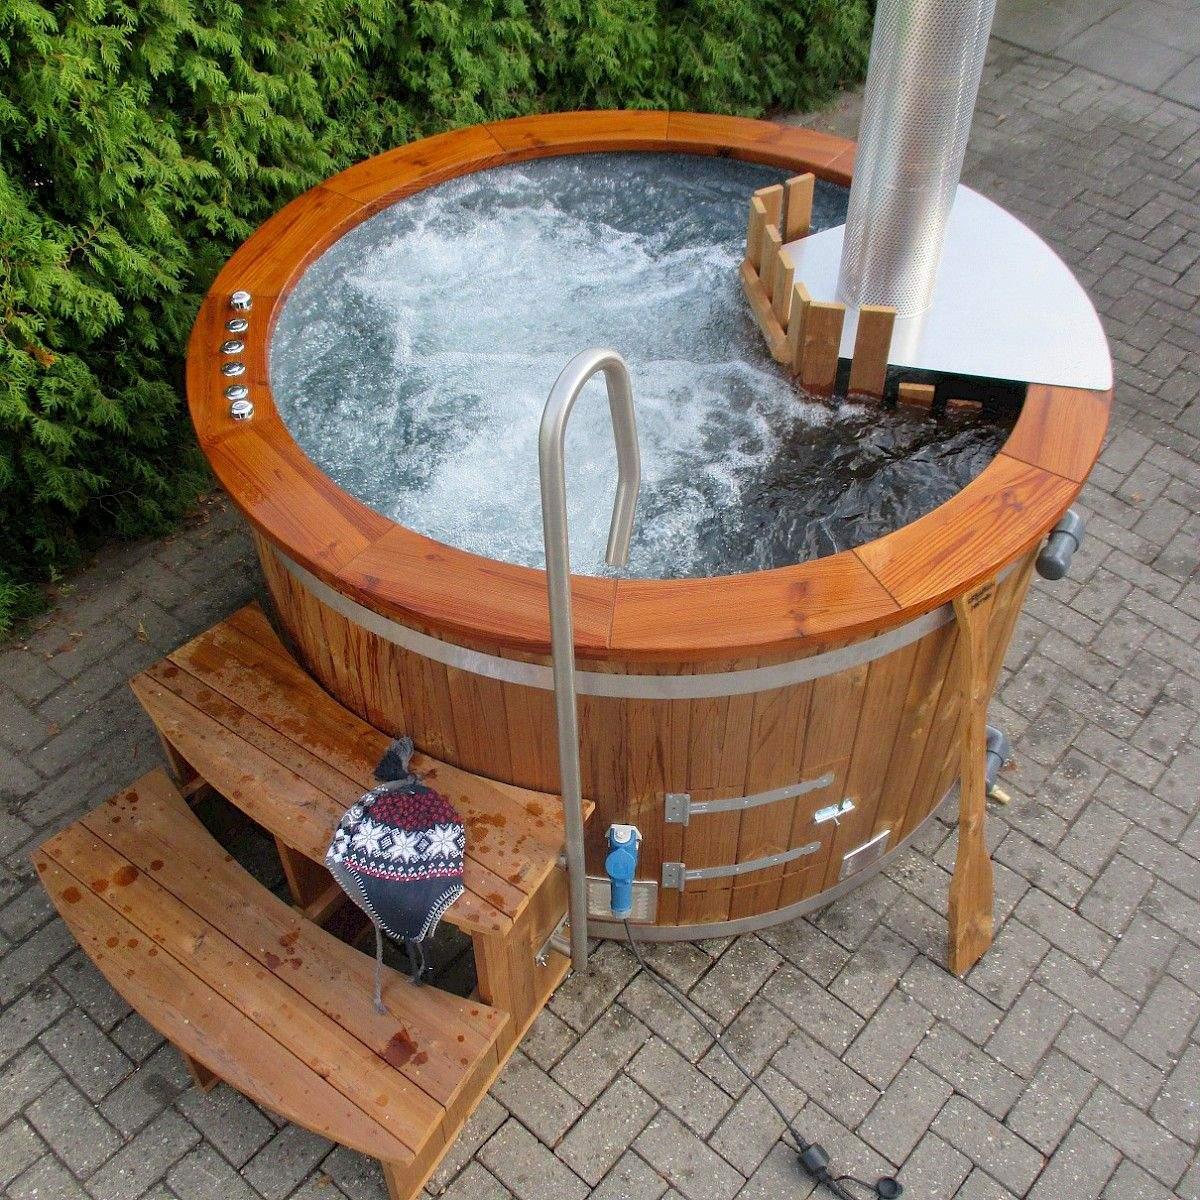 Whirlpool Garten Reizend Garten Whirlpool Garten Jacuzzi Aussen Whirlpool Hot Tub